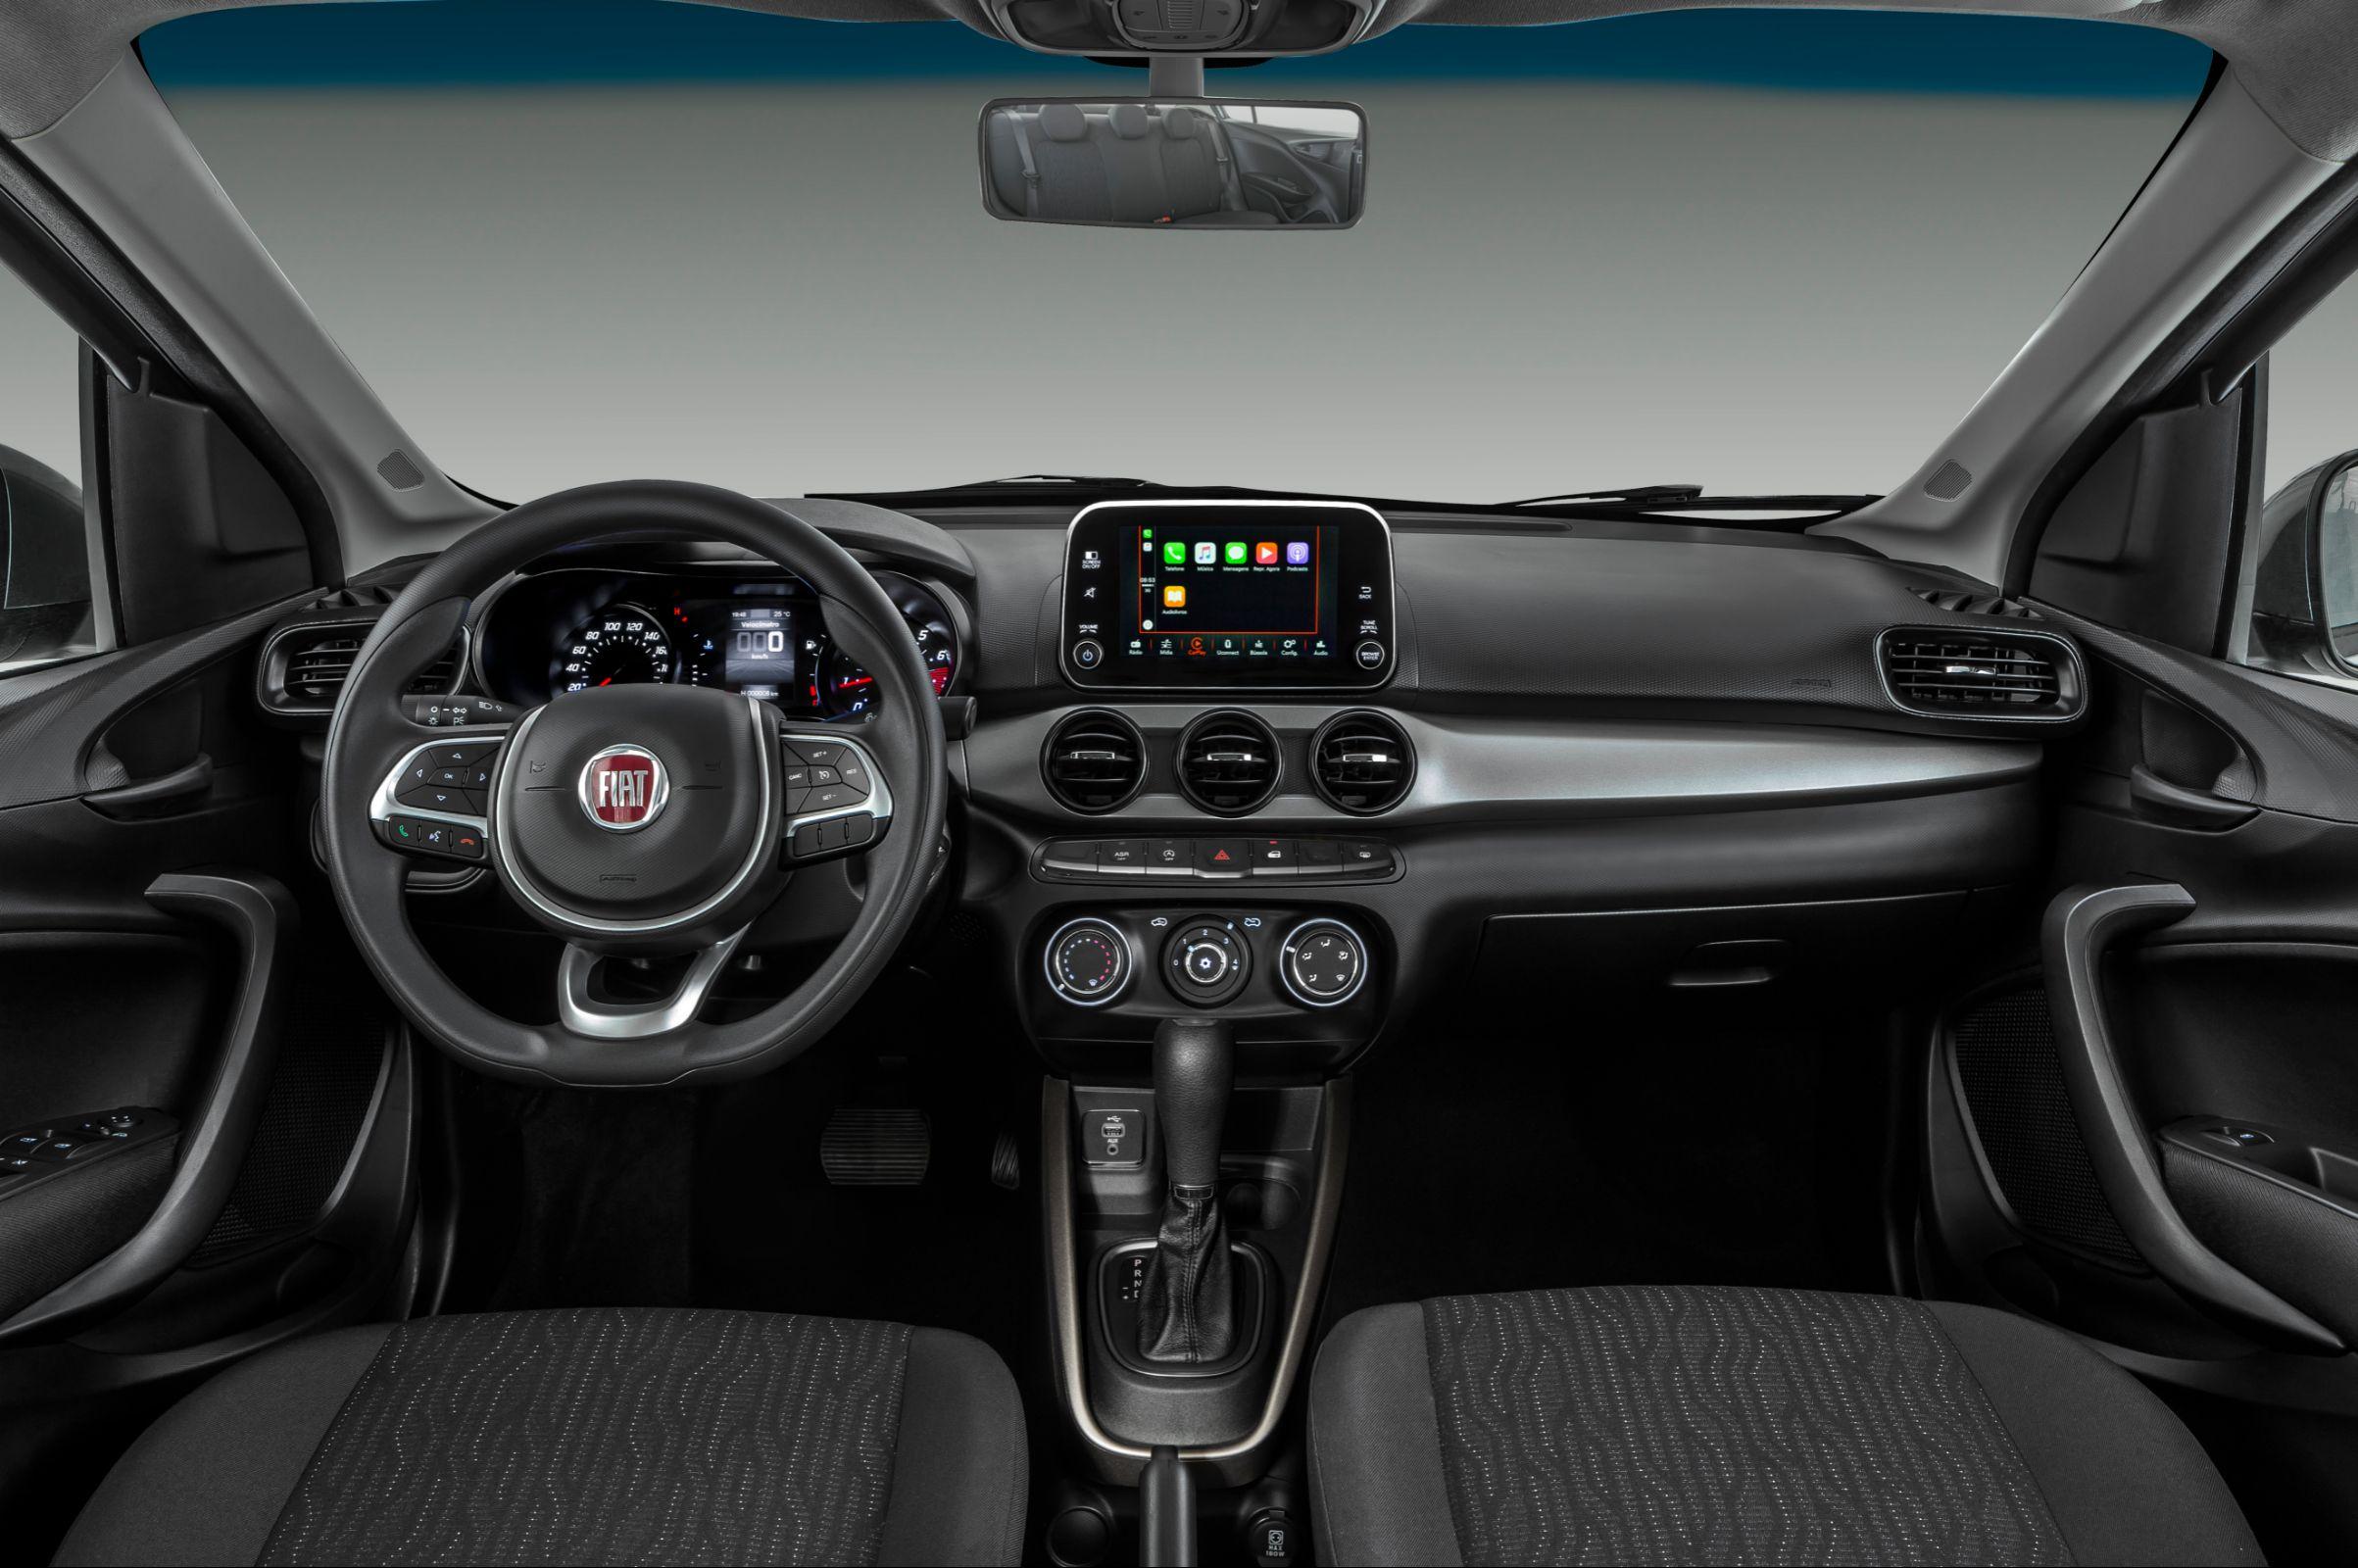 Fiat Chrysler Automóveis lança o Cronos 1.8 automático. Modelo entrega 139 cavalos e será vendido nas concessionárias por R$ 69 mil.